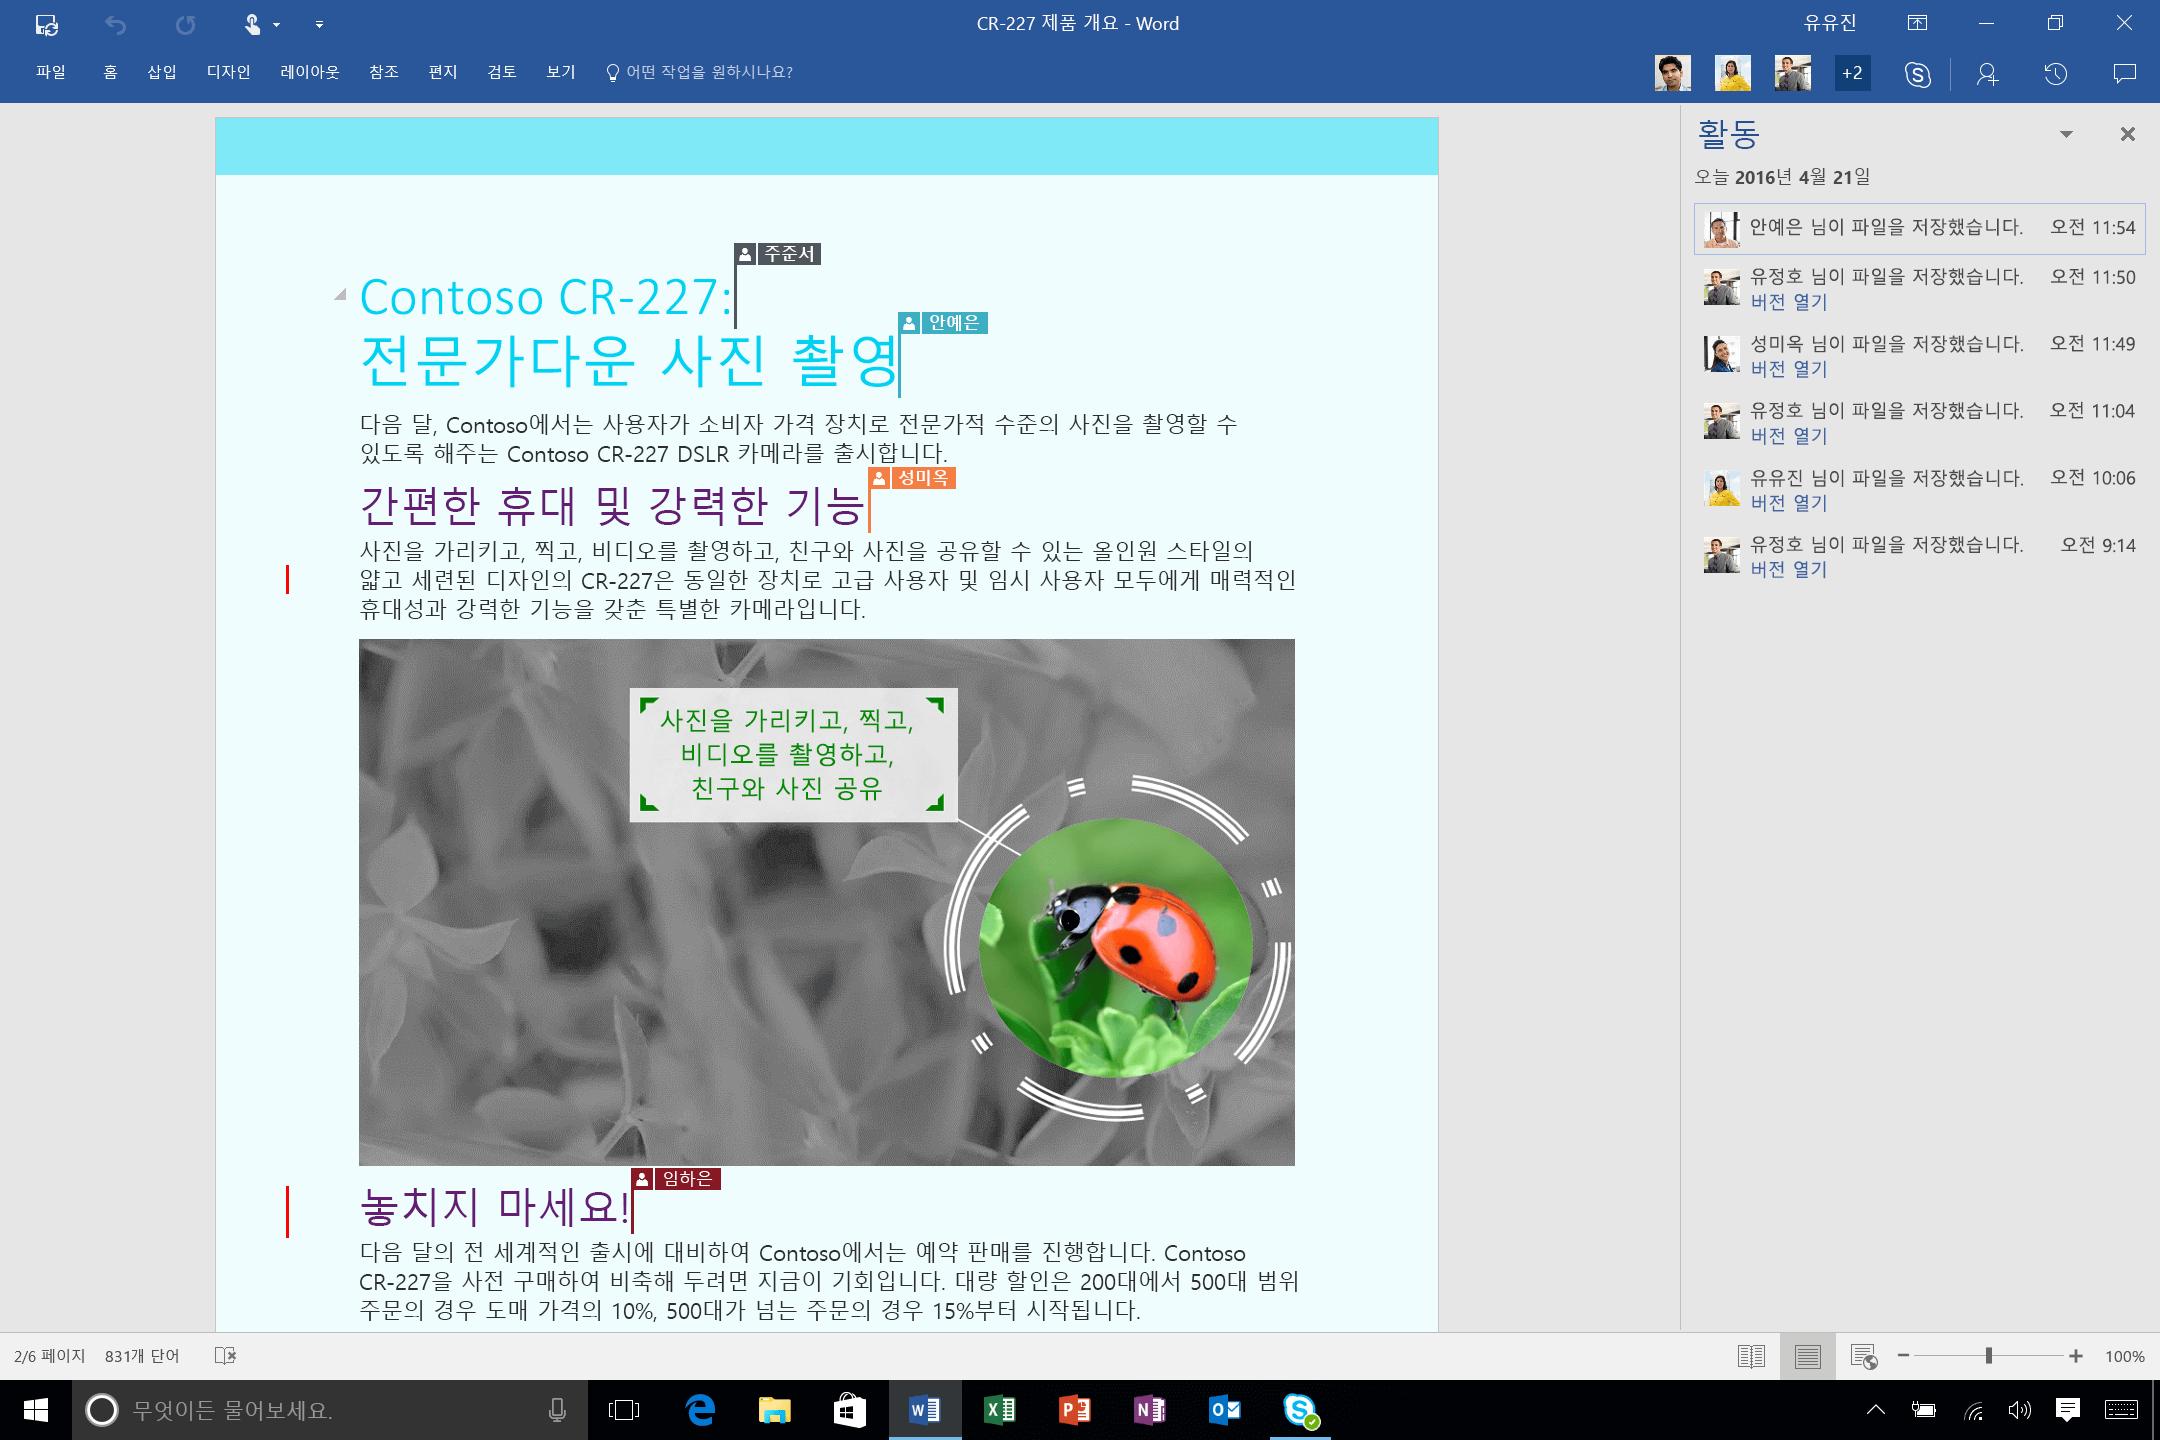 그 반대 활동 단추 클릭 활동 내역 창 표시 또는 이전 버전의 문서를 열 수를 화면 오른쪽에 있습니다.